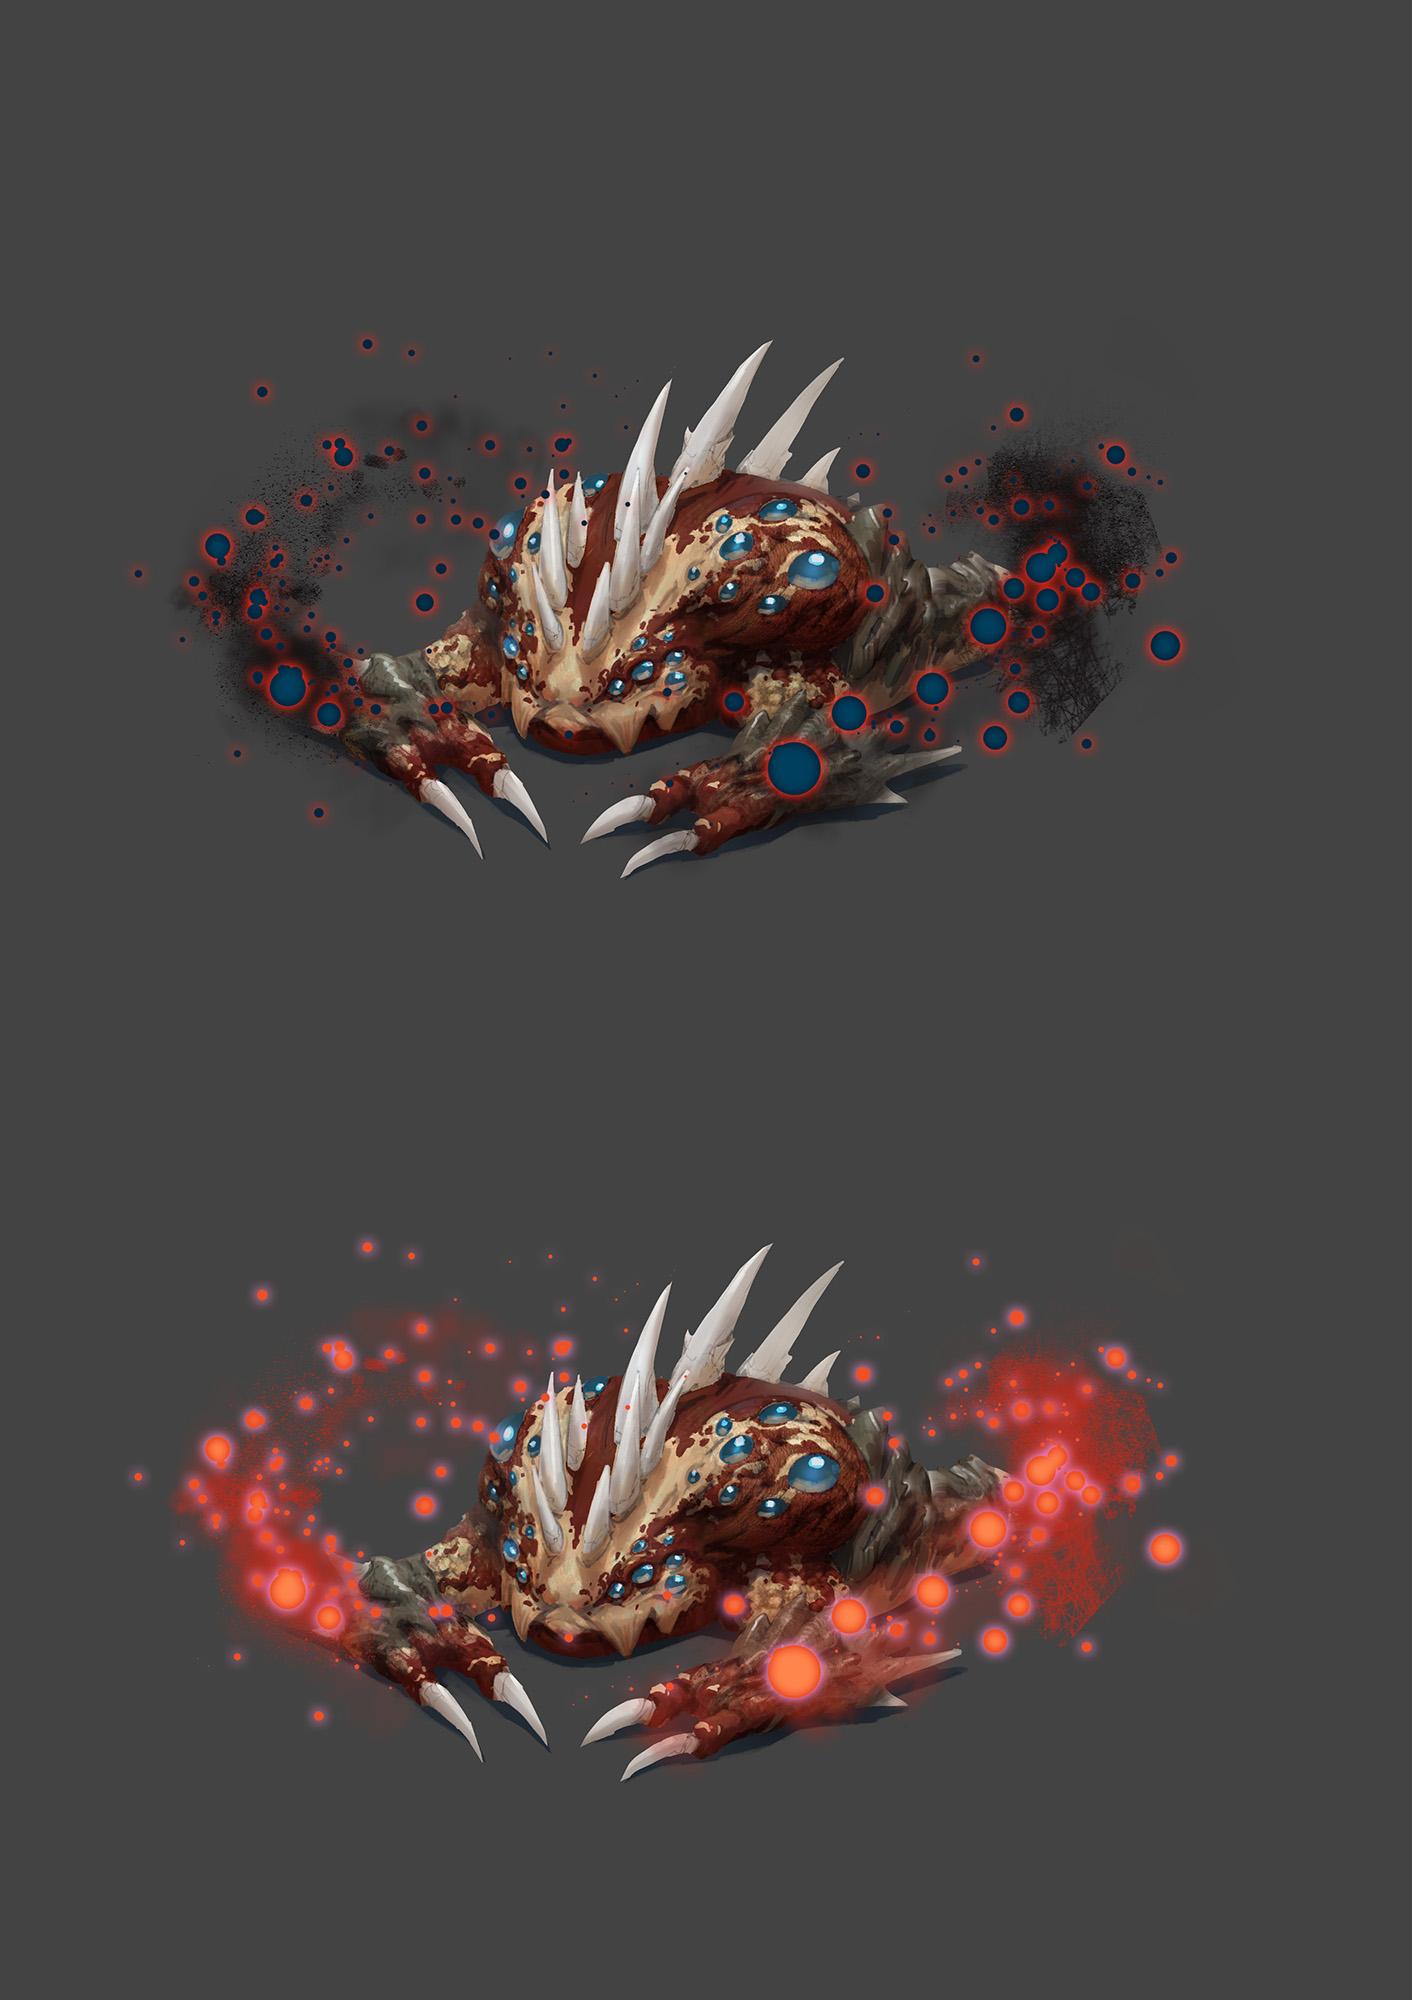 Character_Creatures_Extraterrestrial_Bracati_VFX_05.jpg